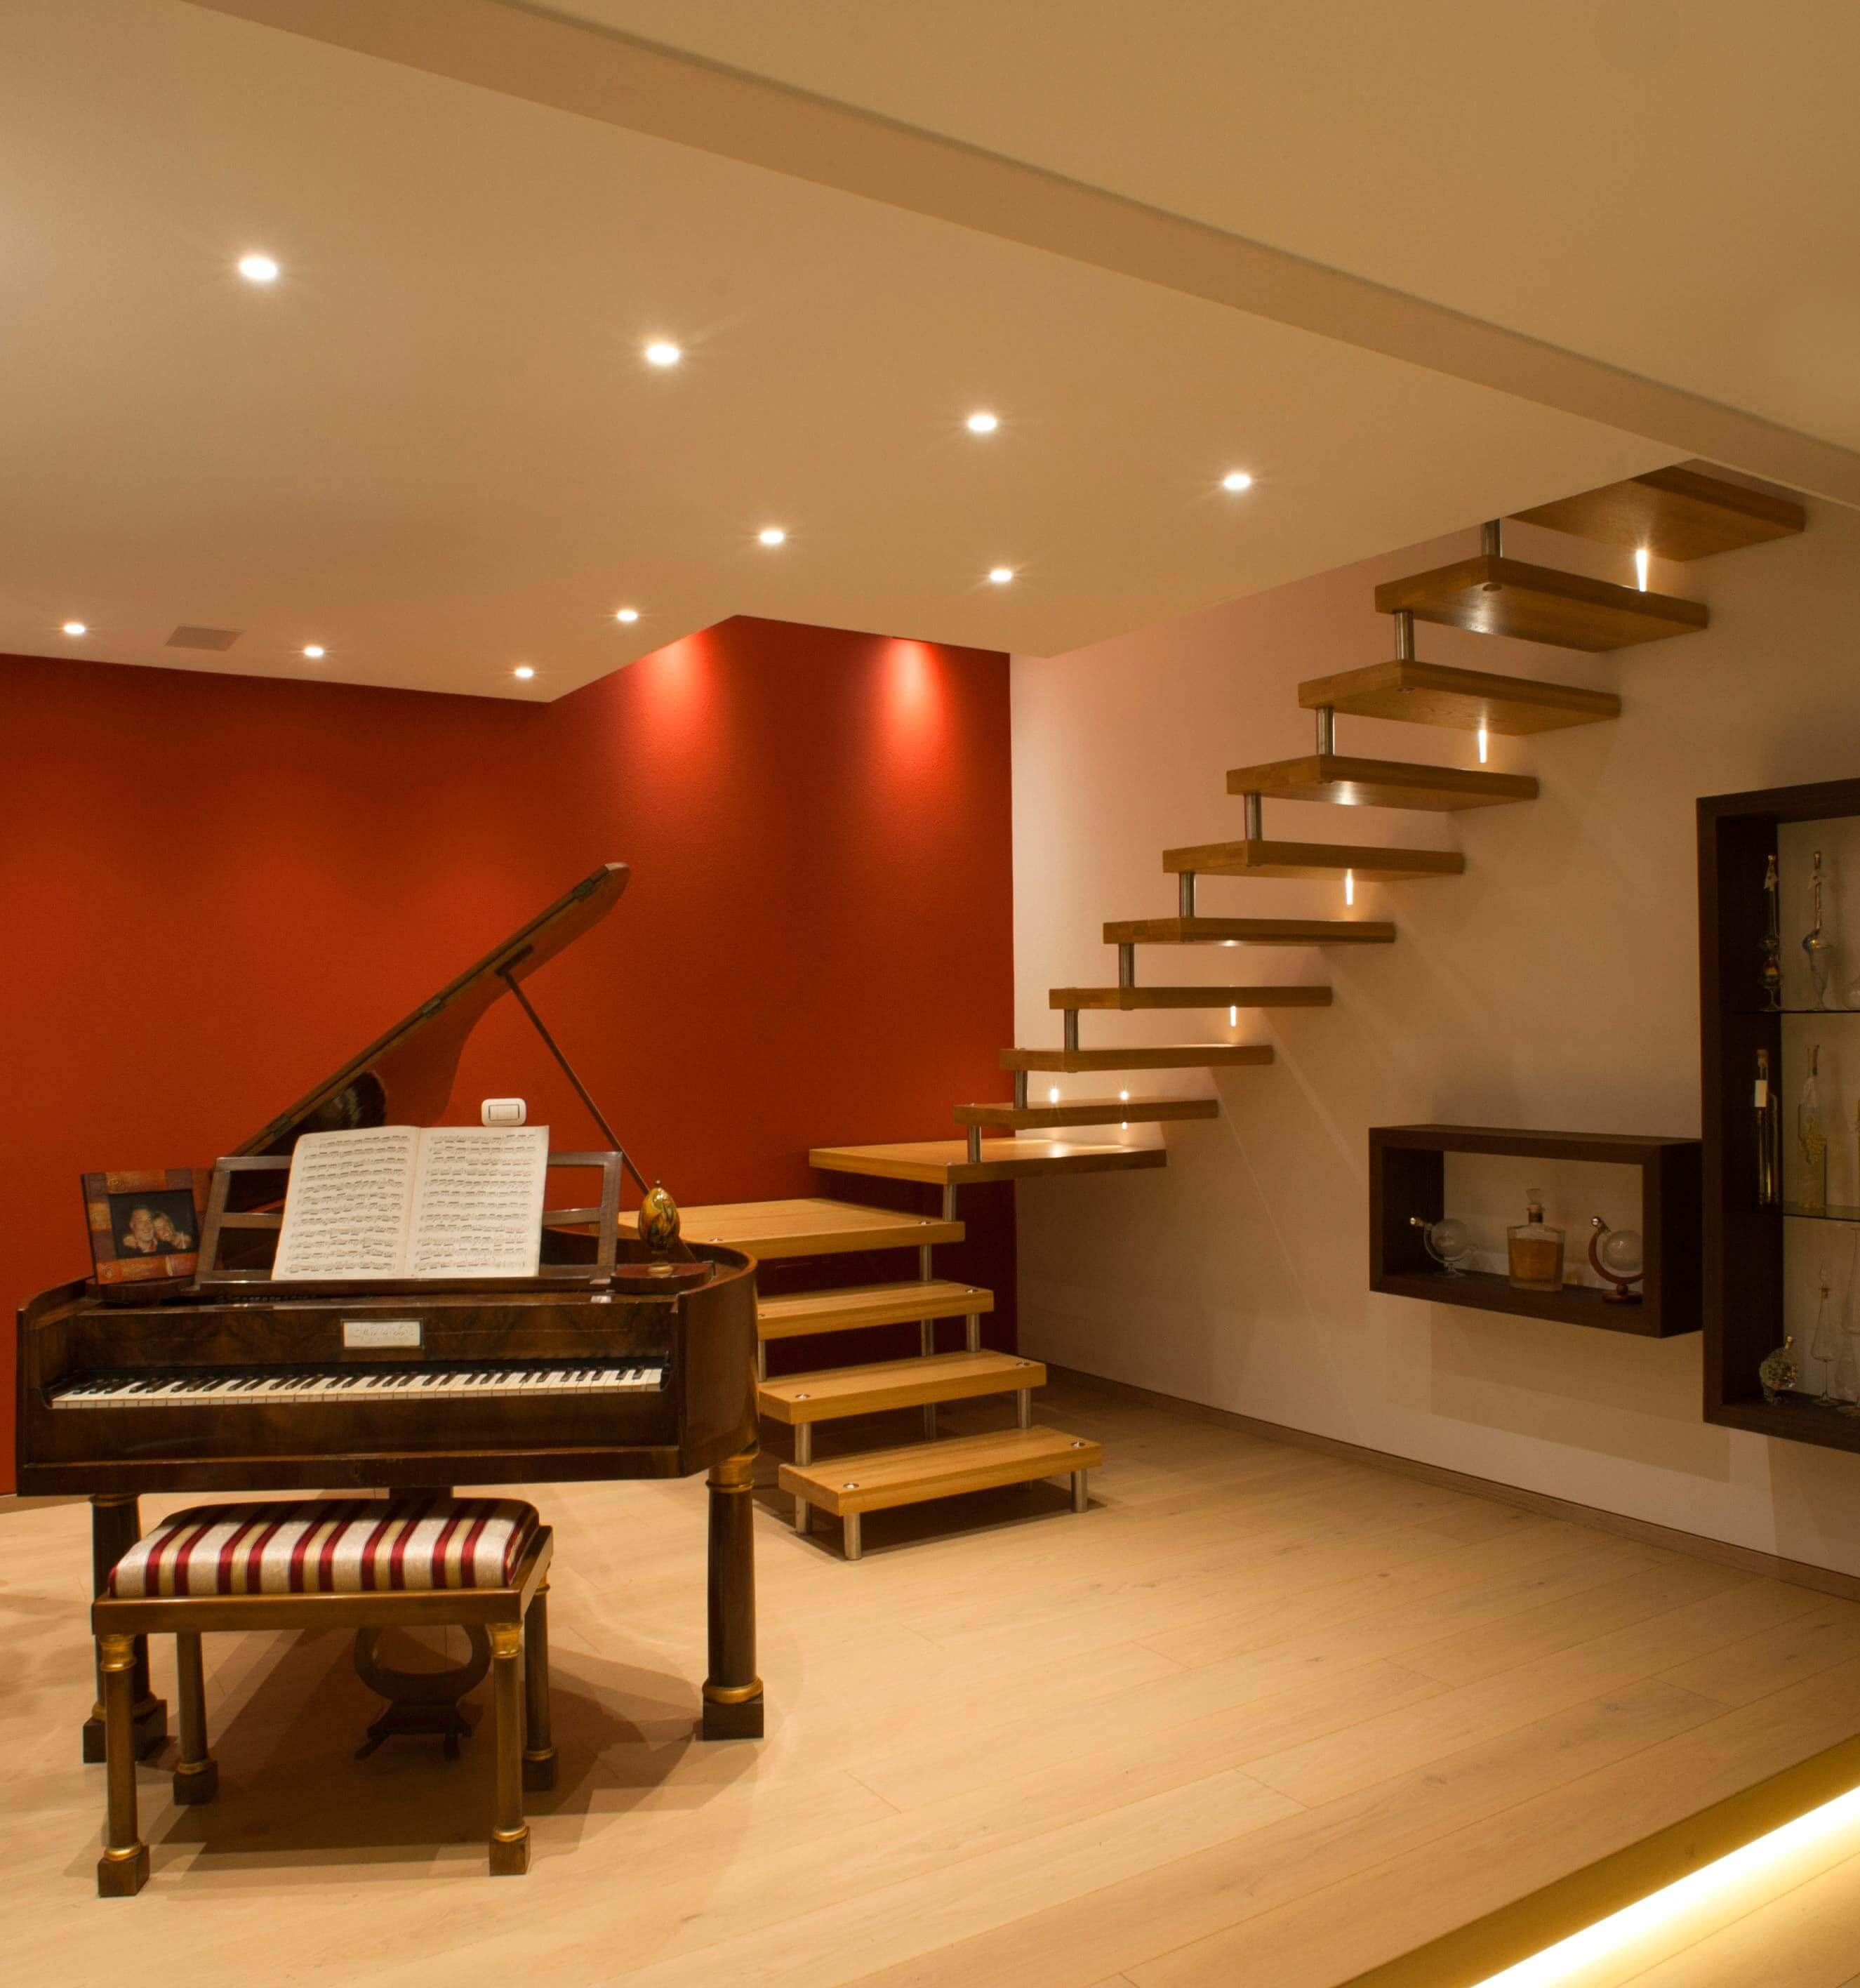 Faretti Da Incasso Legno illuminazione-led-faretti-incasso-casa-legno20ok - brillamenti